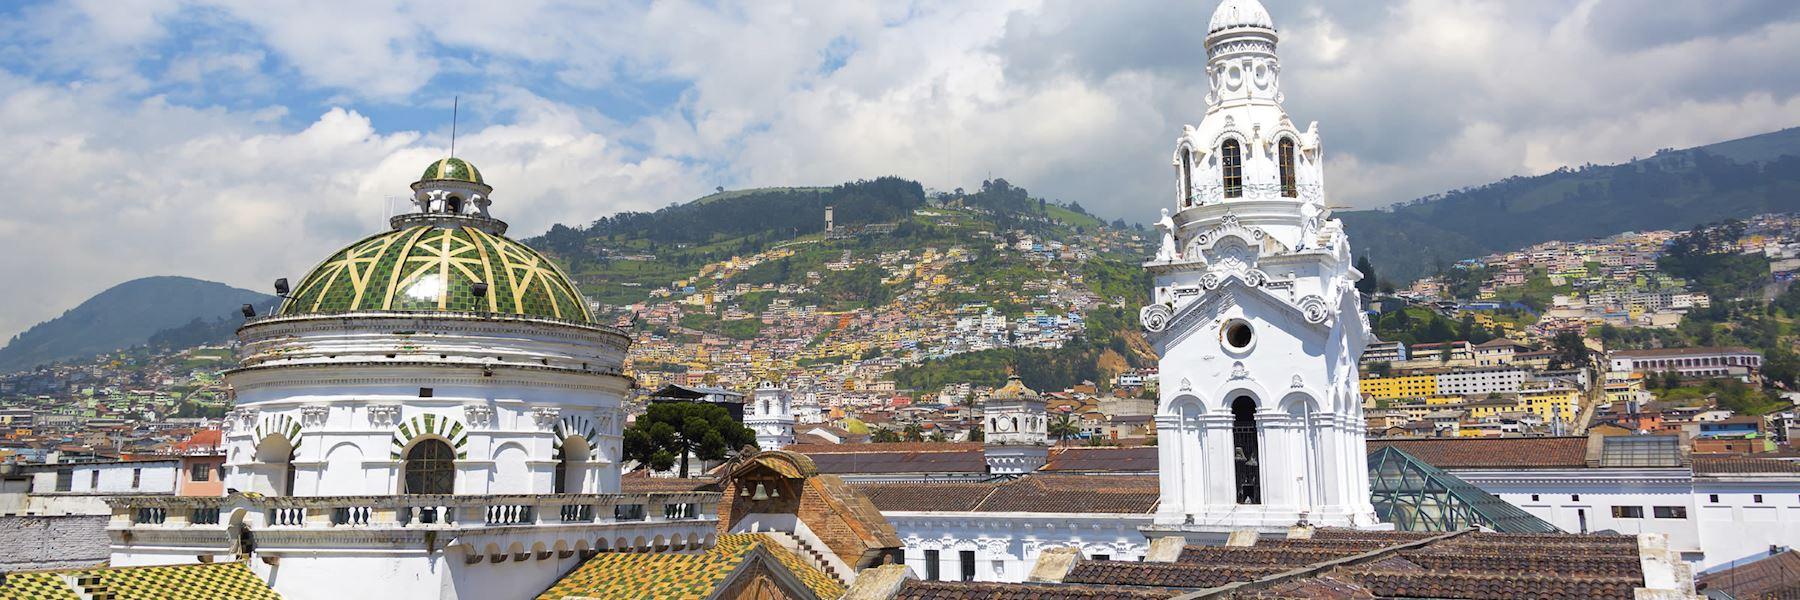 Visit Quito, Ecuador